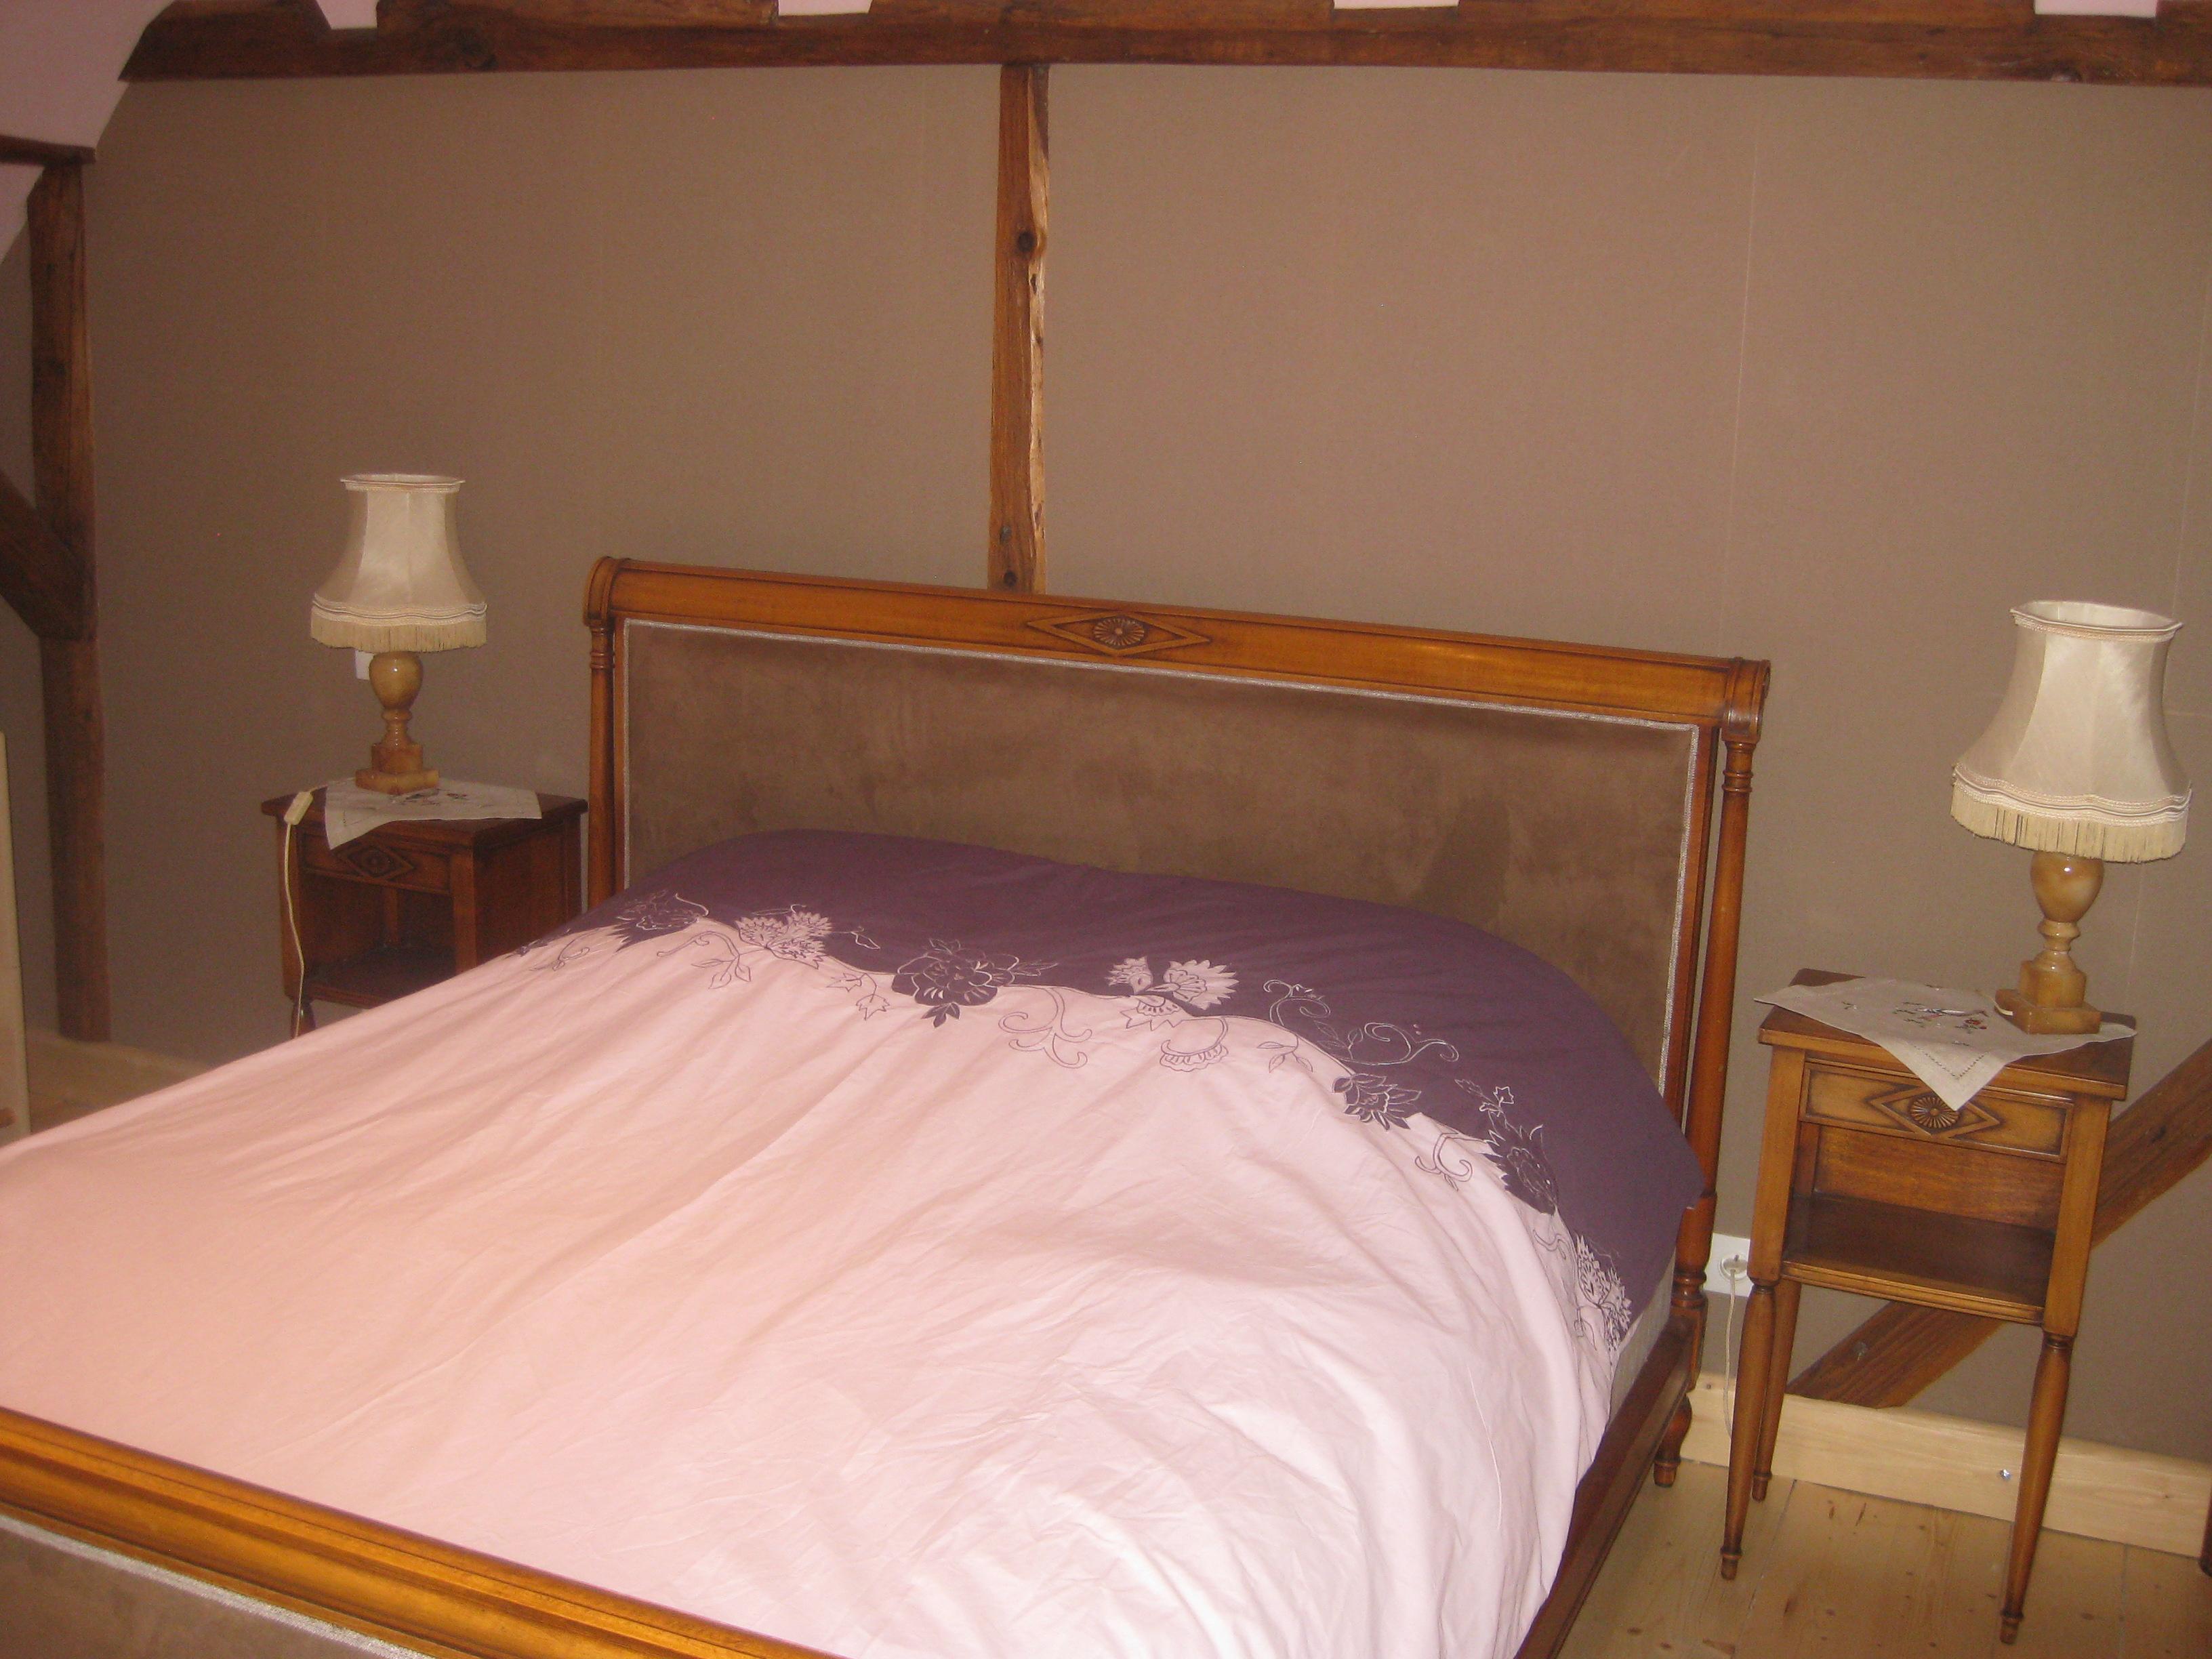 Chambres d'hôtes Auberge des Sauterelles